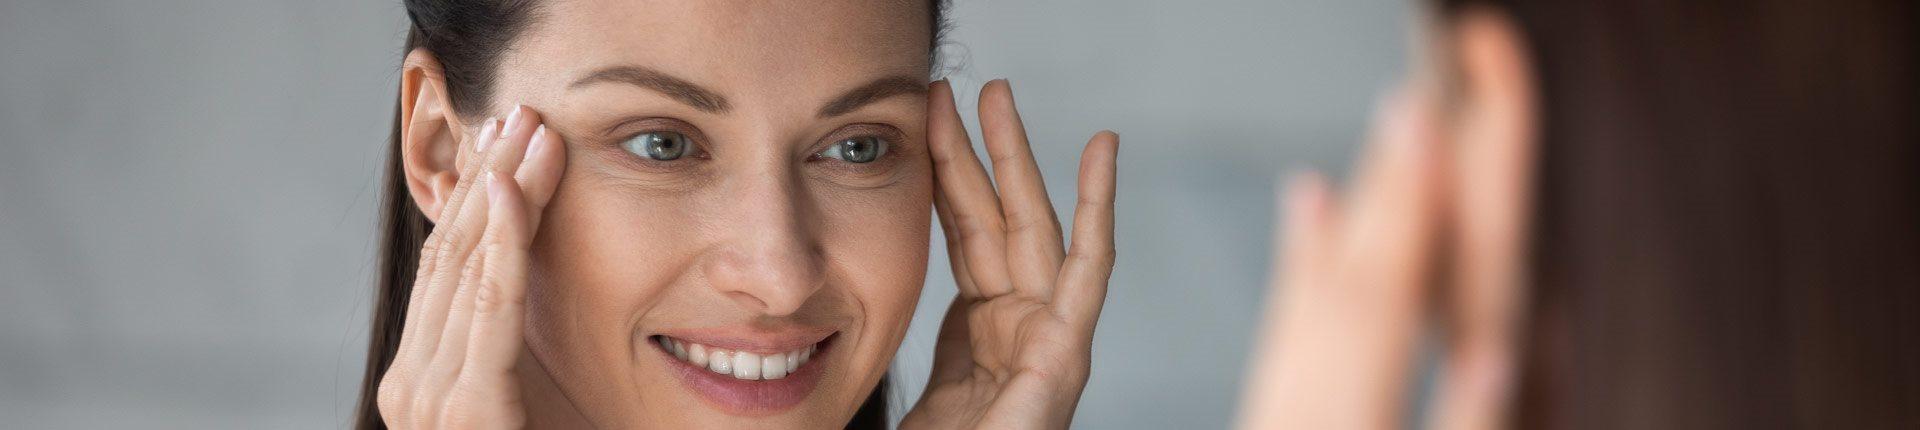 Wegańska twarz - czy dieta wegańska przyśpiesza starzenie się skóry?